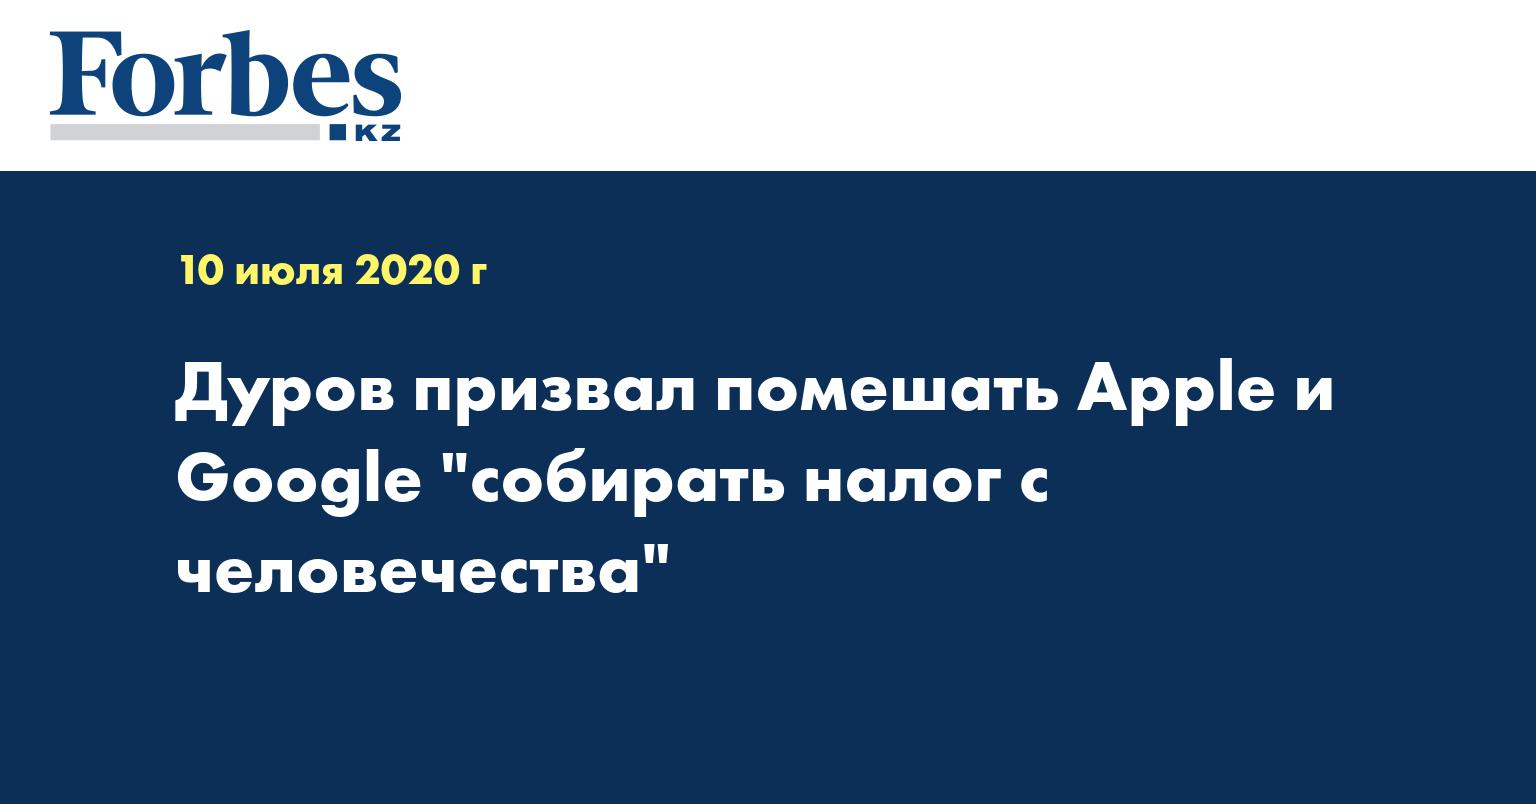 Дуров призвал помешать Apple и Google